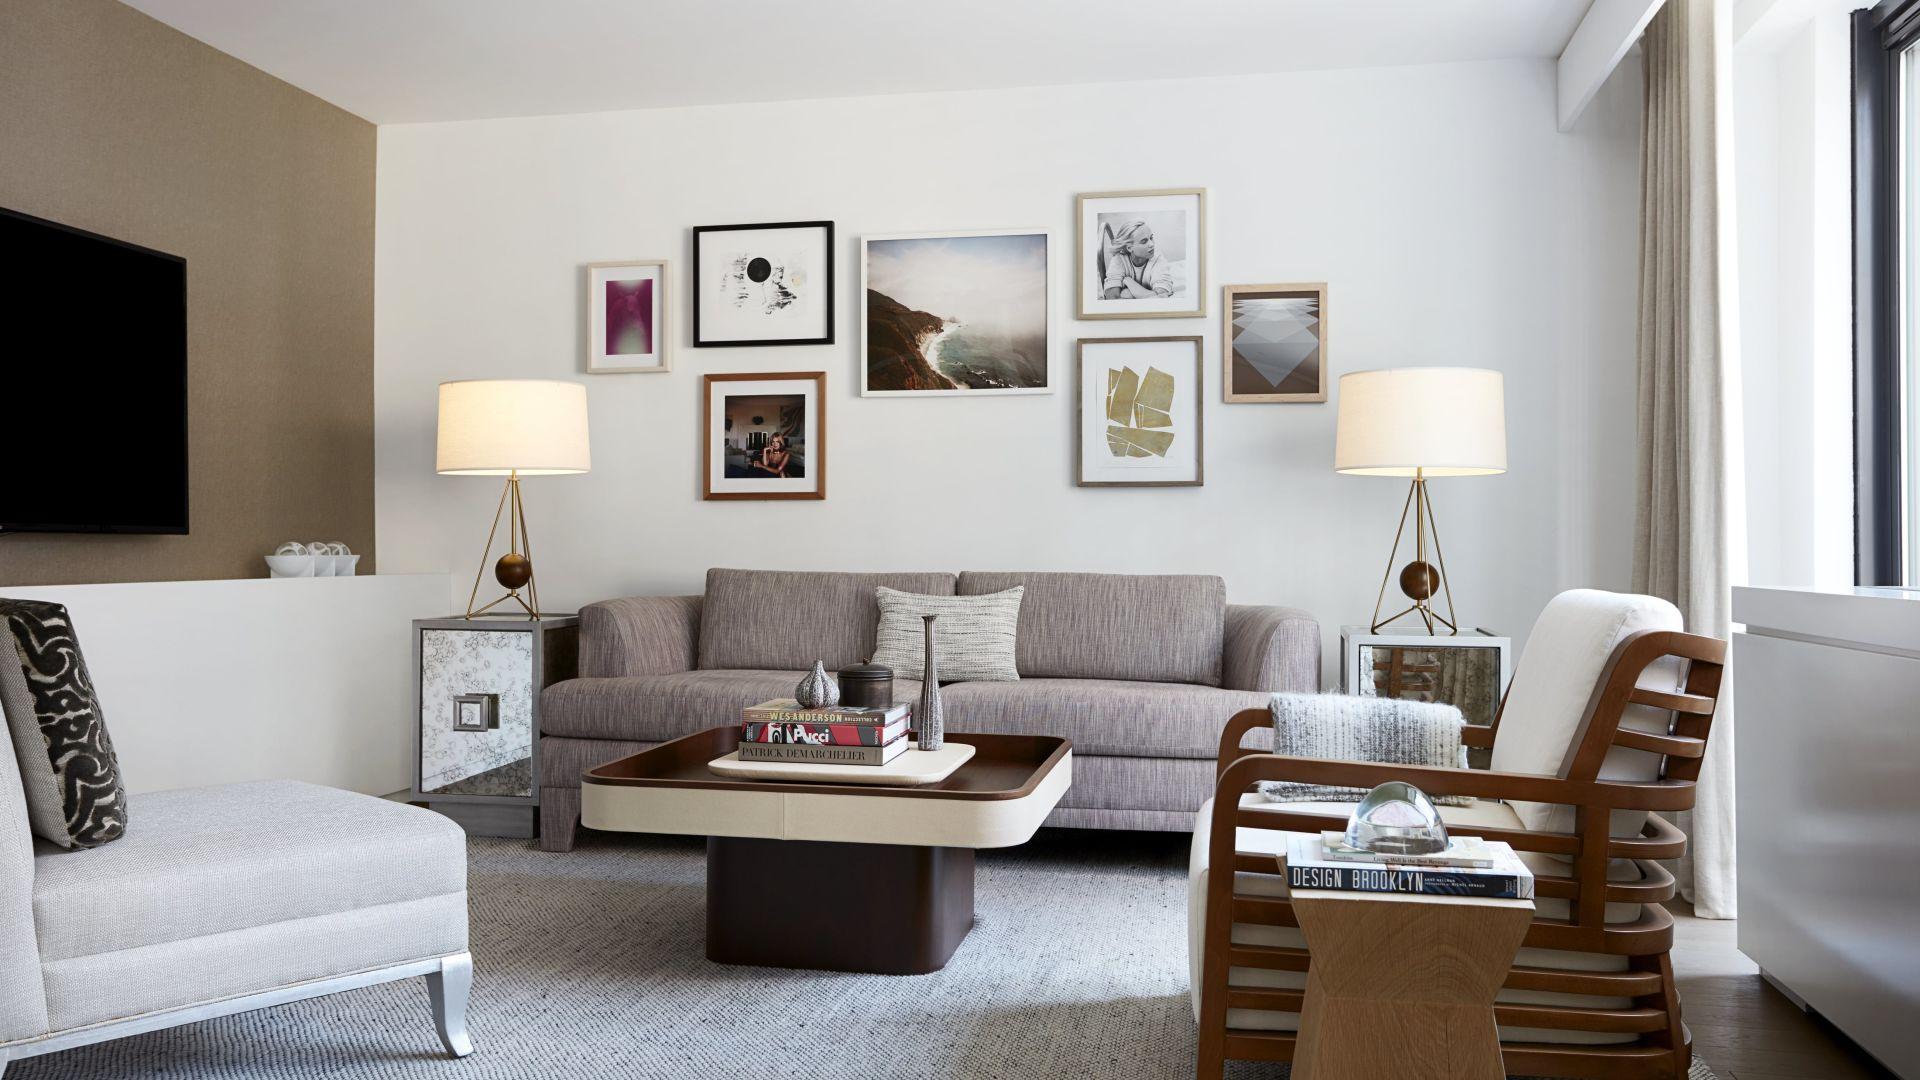 Uma sala de estar com móveis e uma mesa